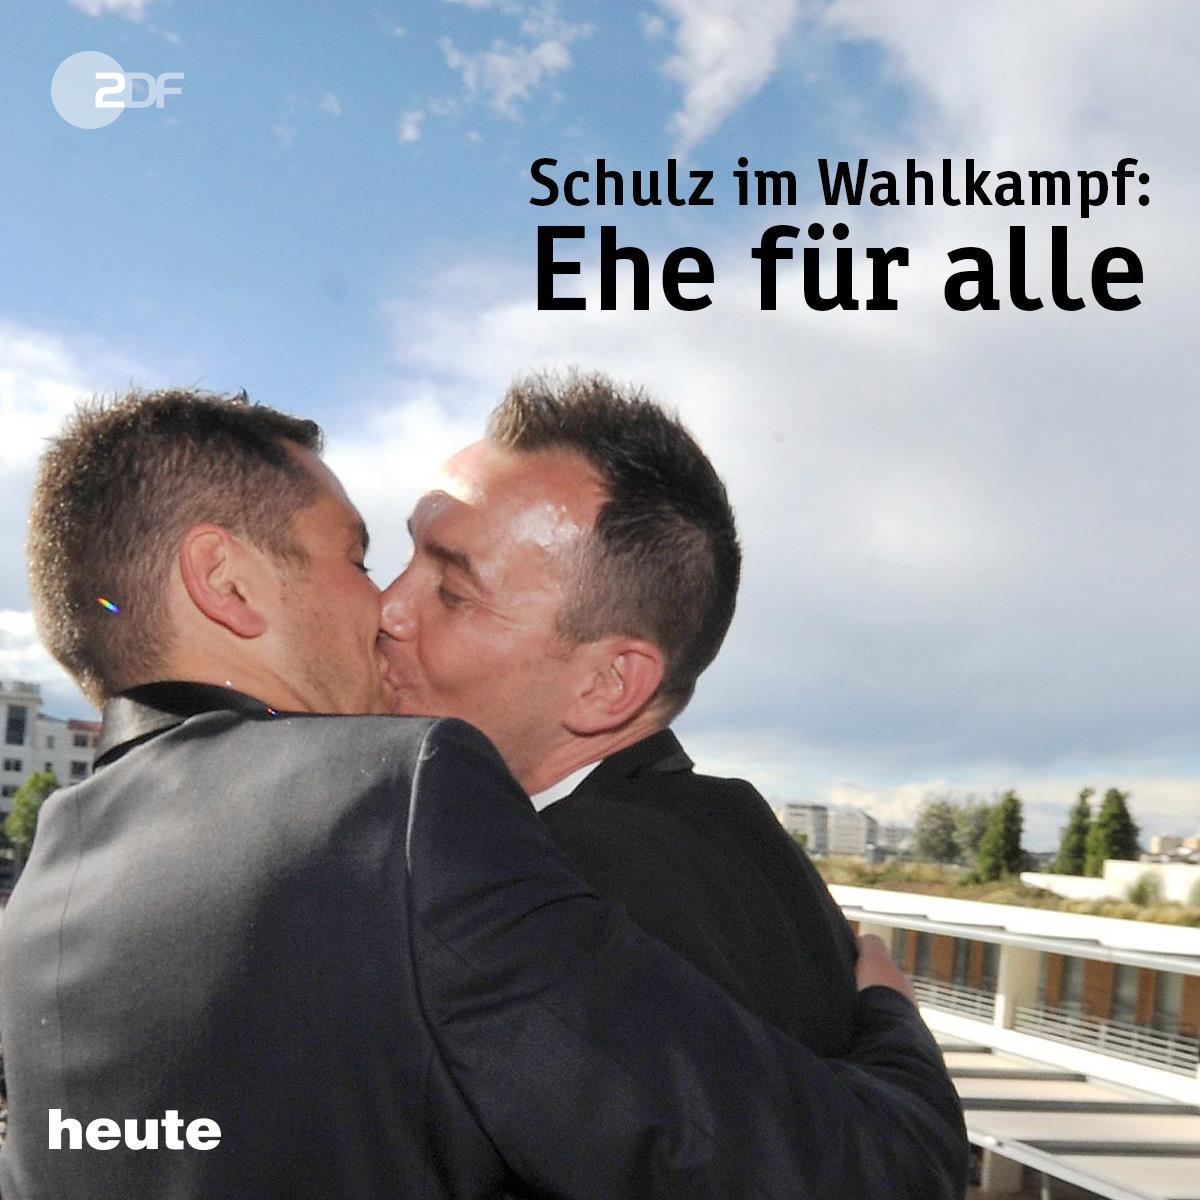 Schulz mariage